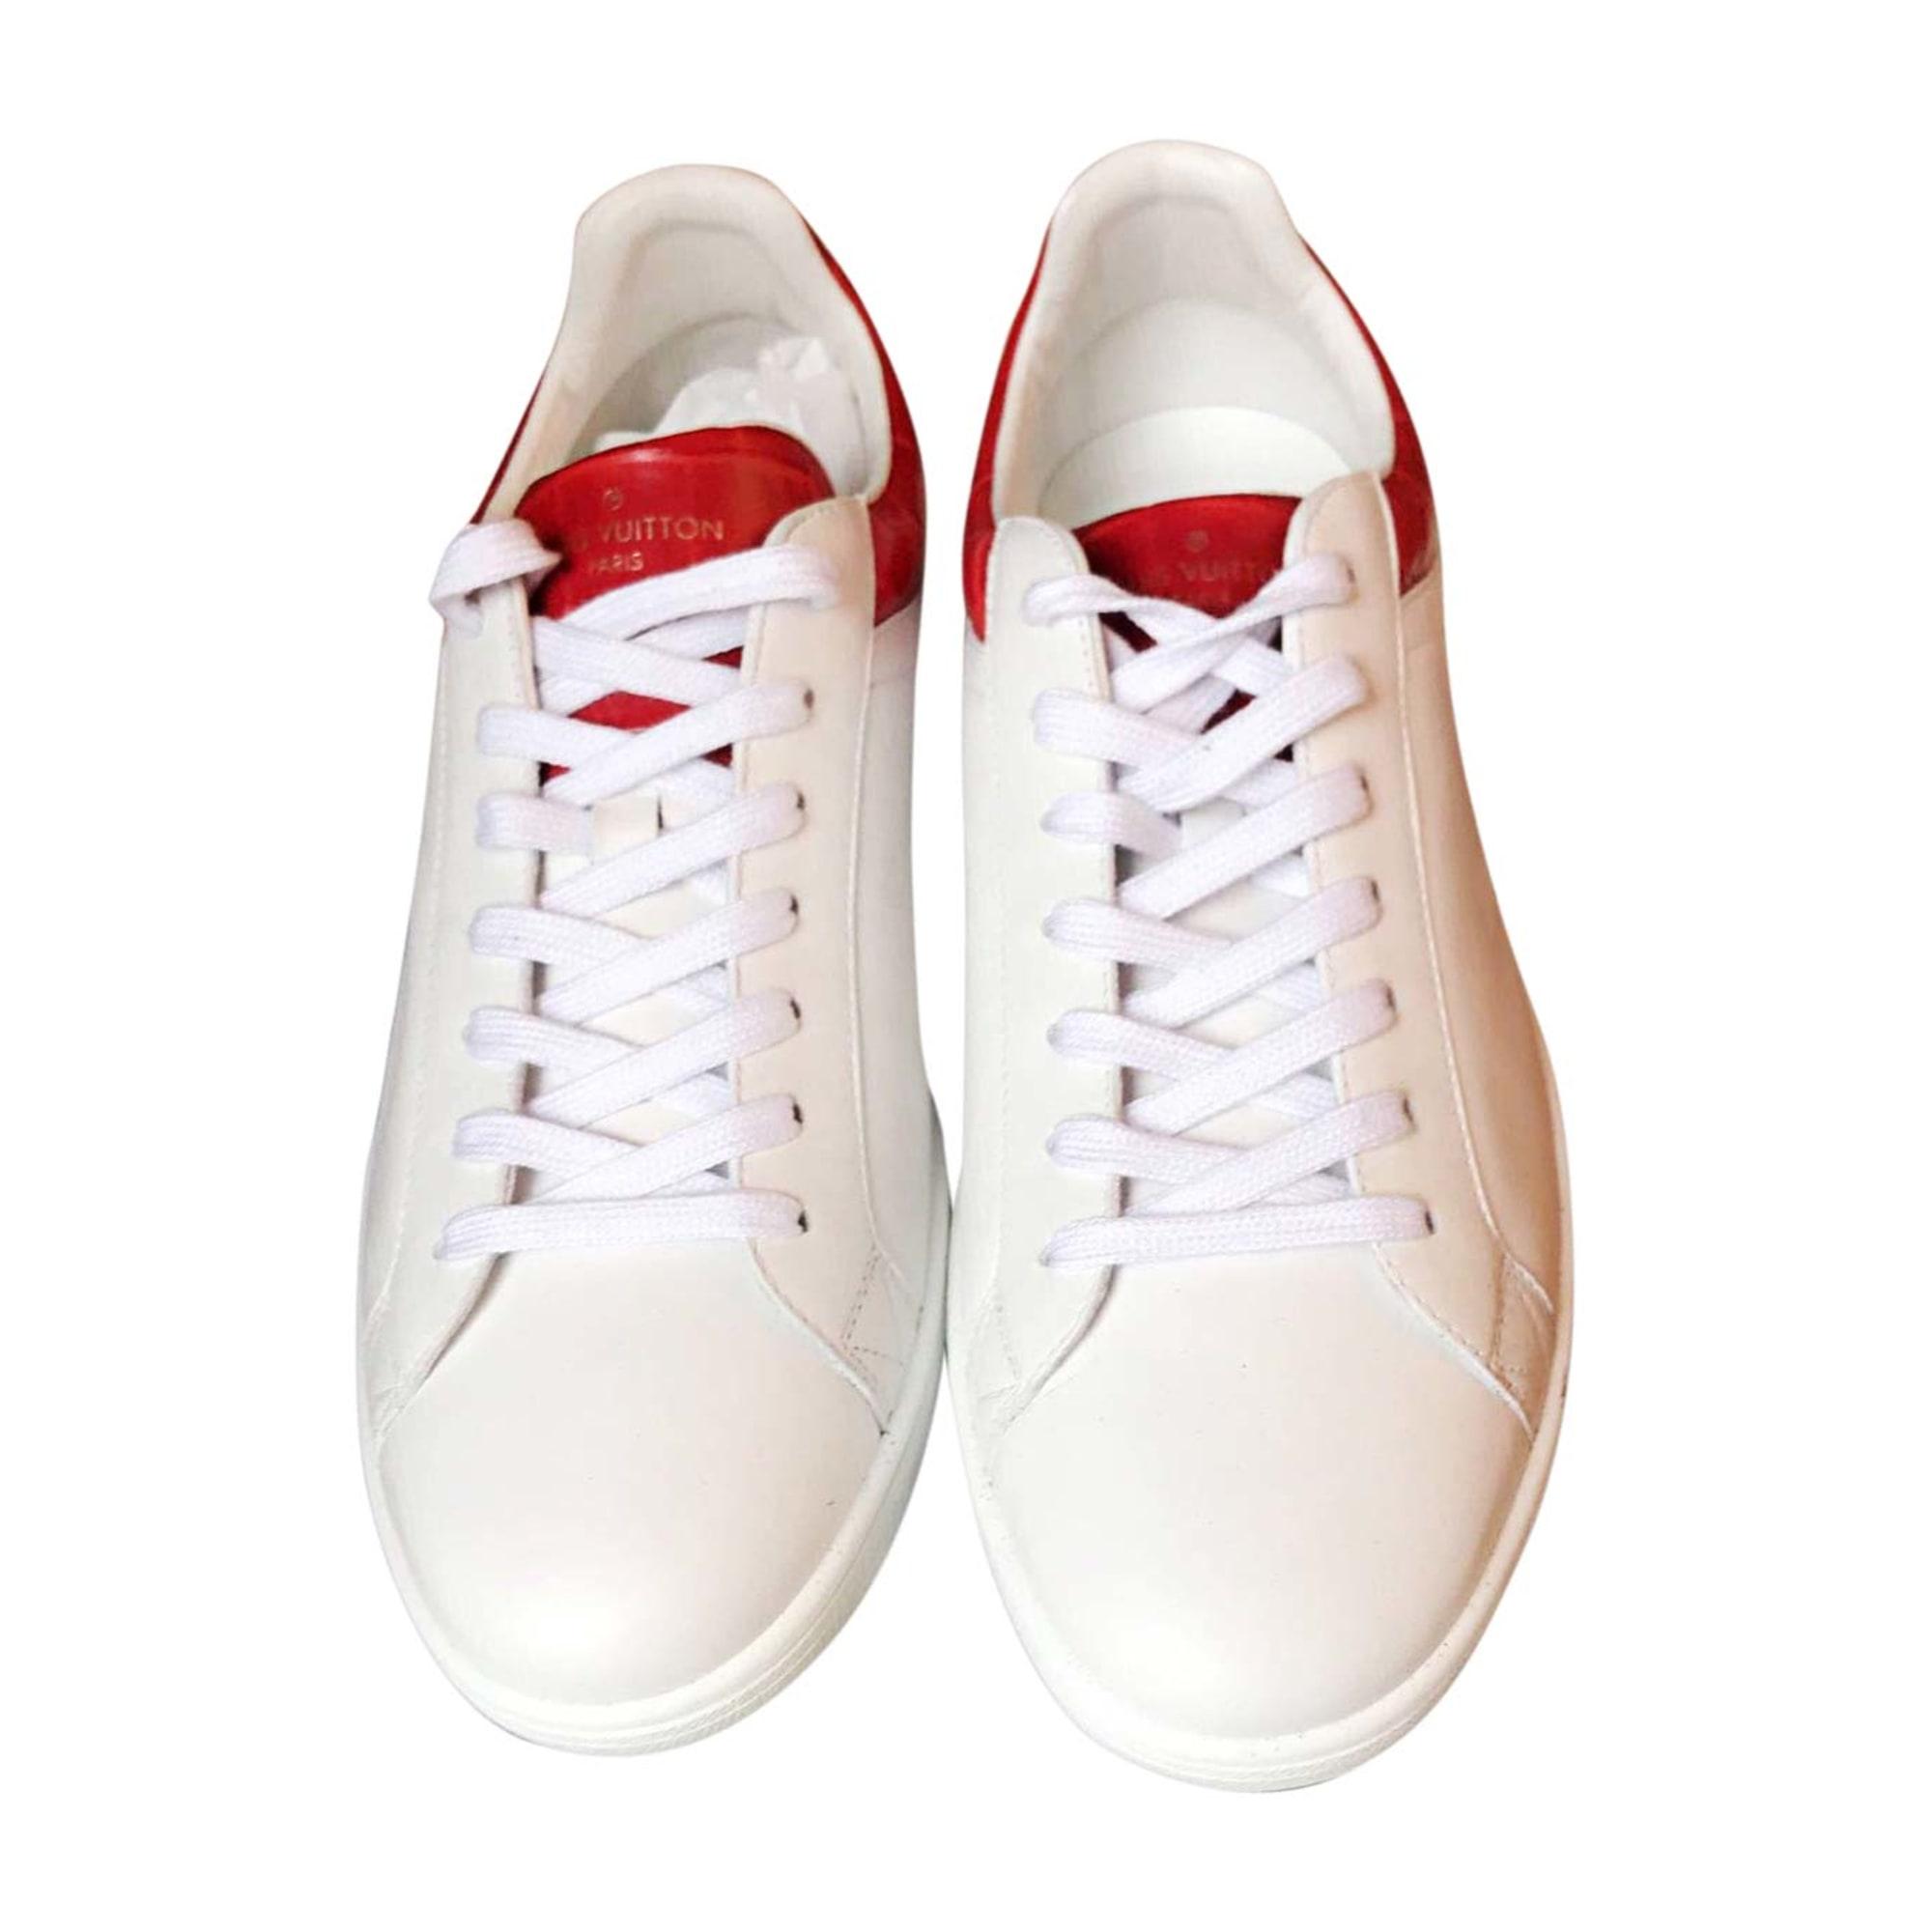 Sneakers LOUIS VUITTON White, off-white, ecru